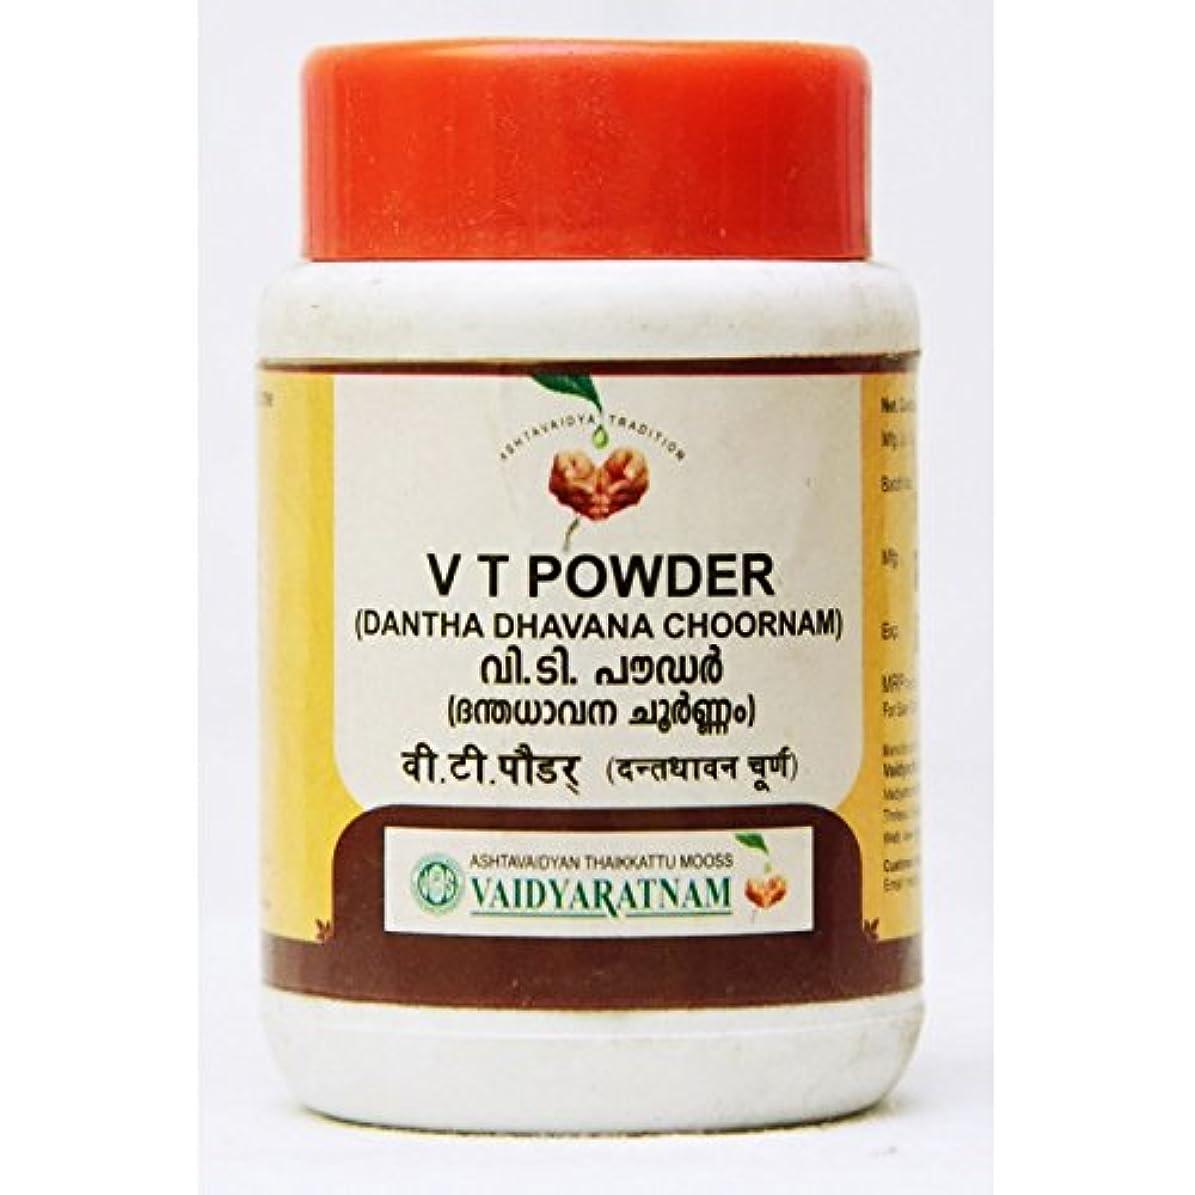 愛情水族館どんよりしたAyurvedic Vaidyaratnam Tooth Powder ( V T Powder )